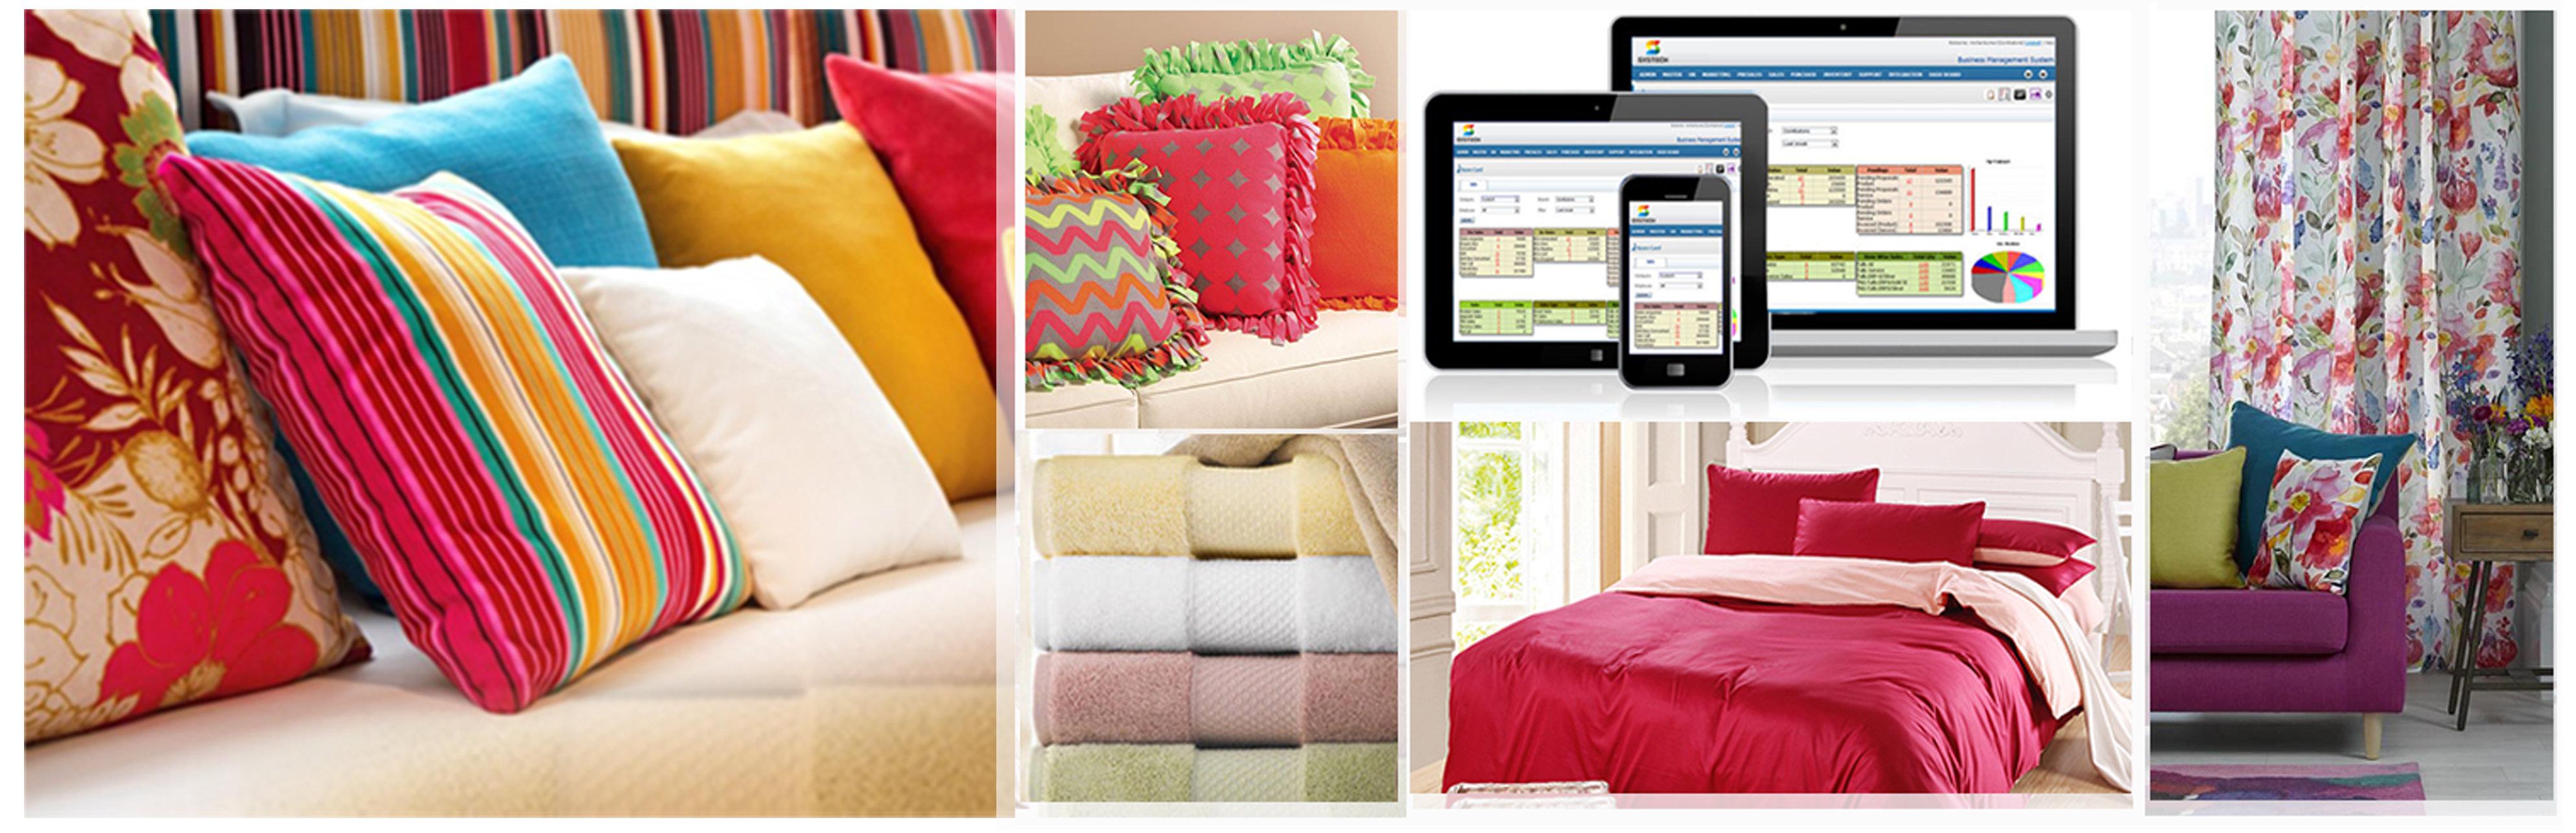 Apparel ERP & Textile ERP